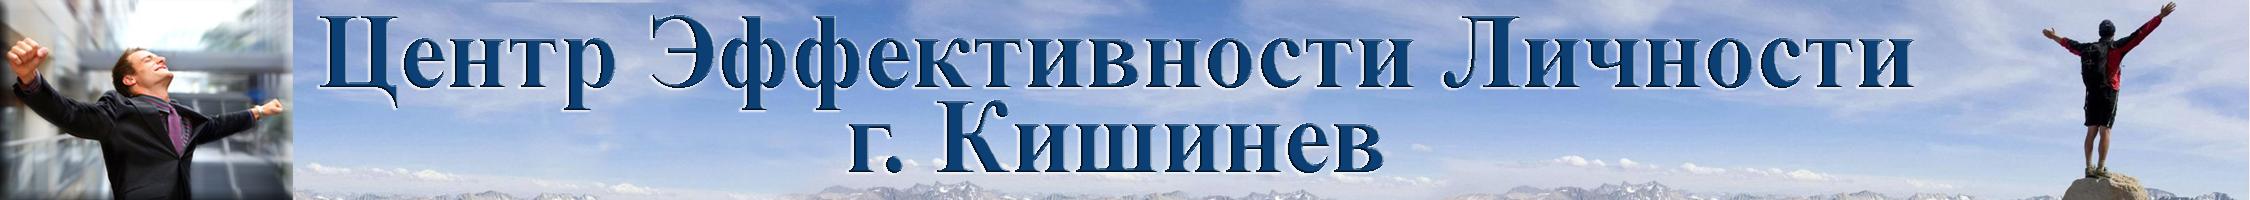 Центр эффективности личности г Кишинев